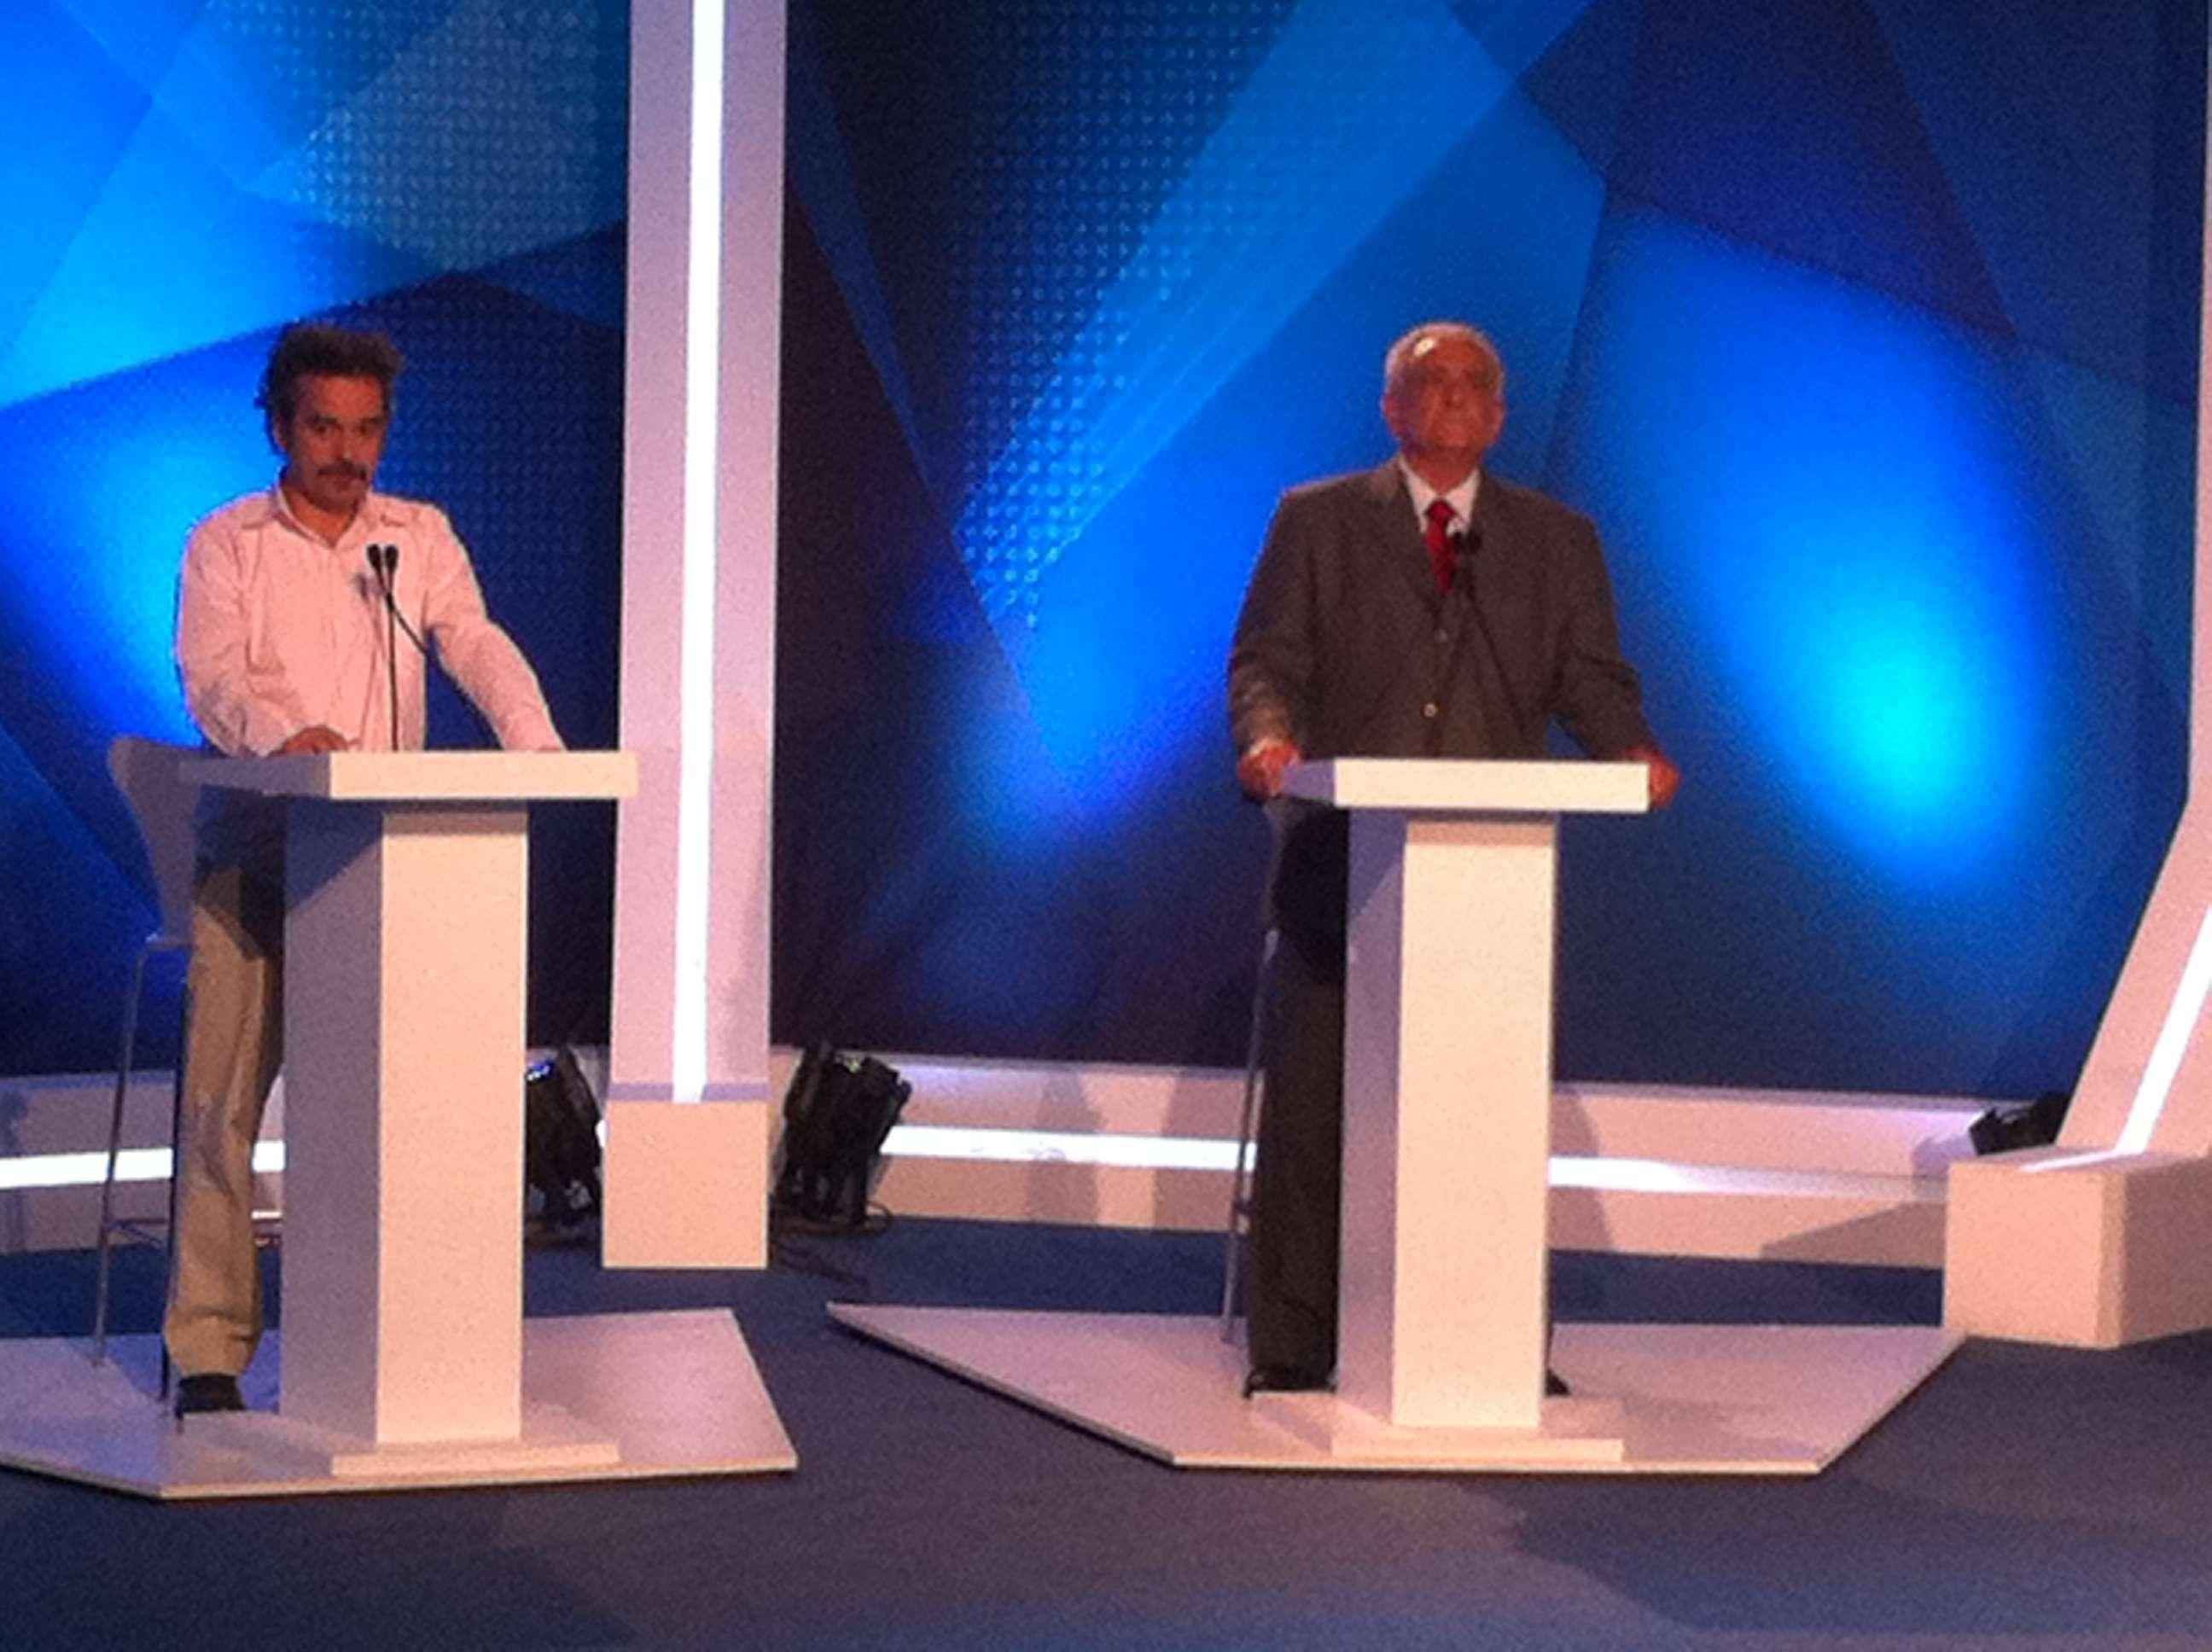 Costela do PT uma ova: frases do debate de candidatos de MG Foto: Ney Rubens/Especial para Terra